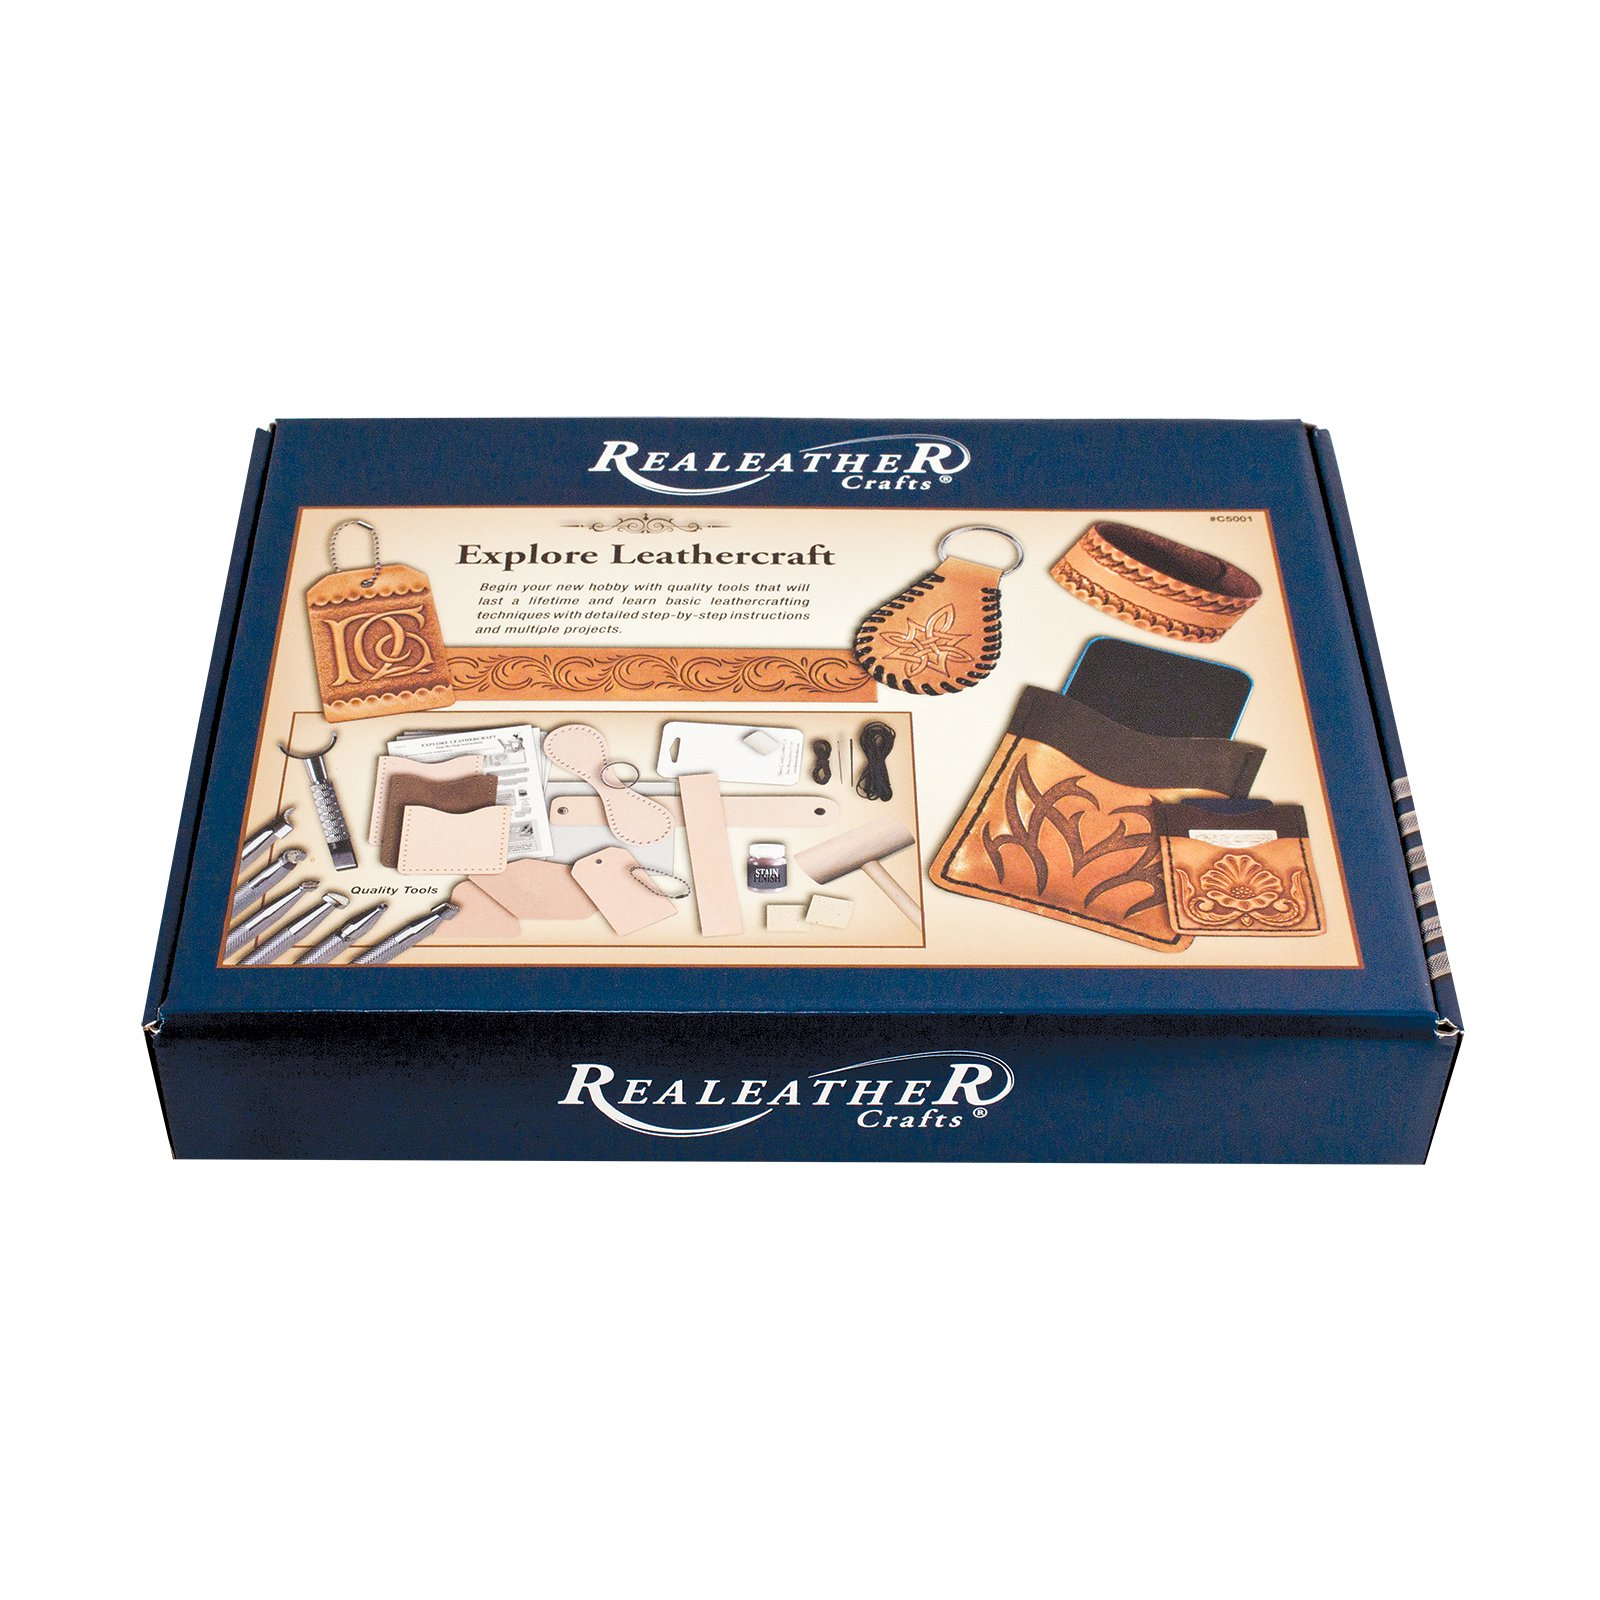 Explore Leathercraft Kit